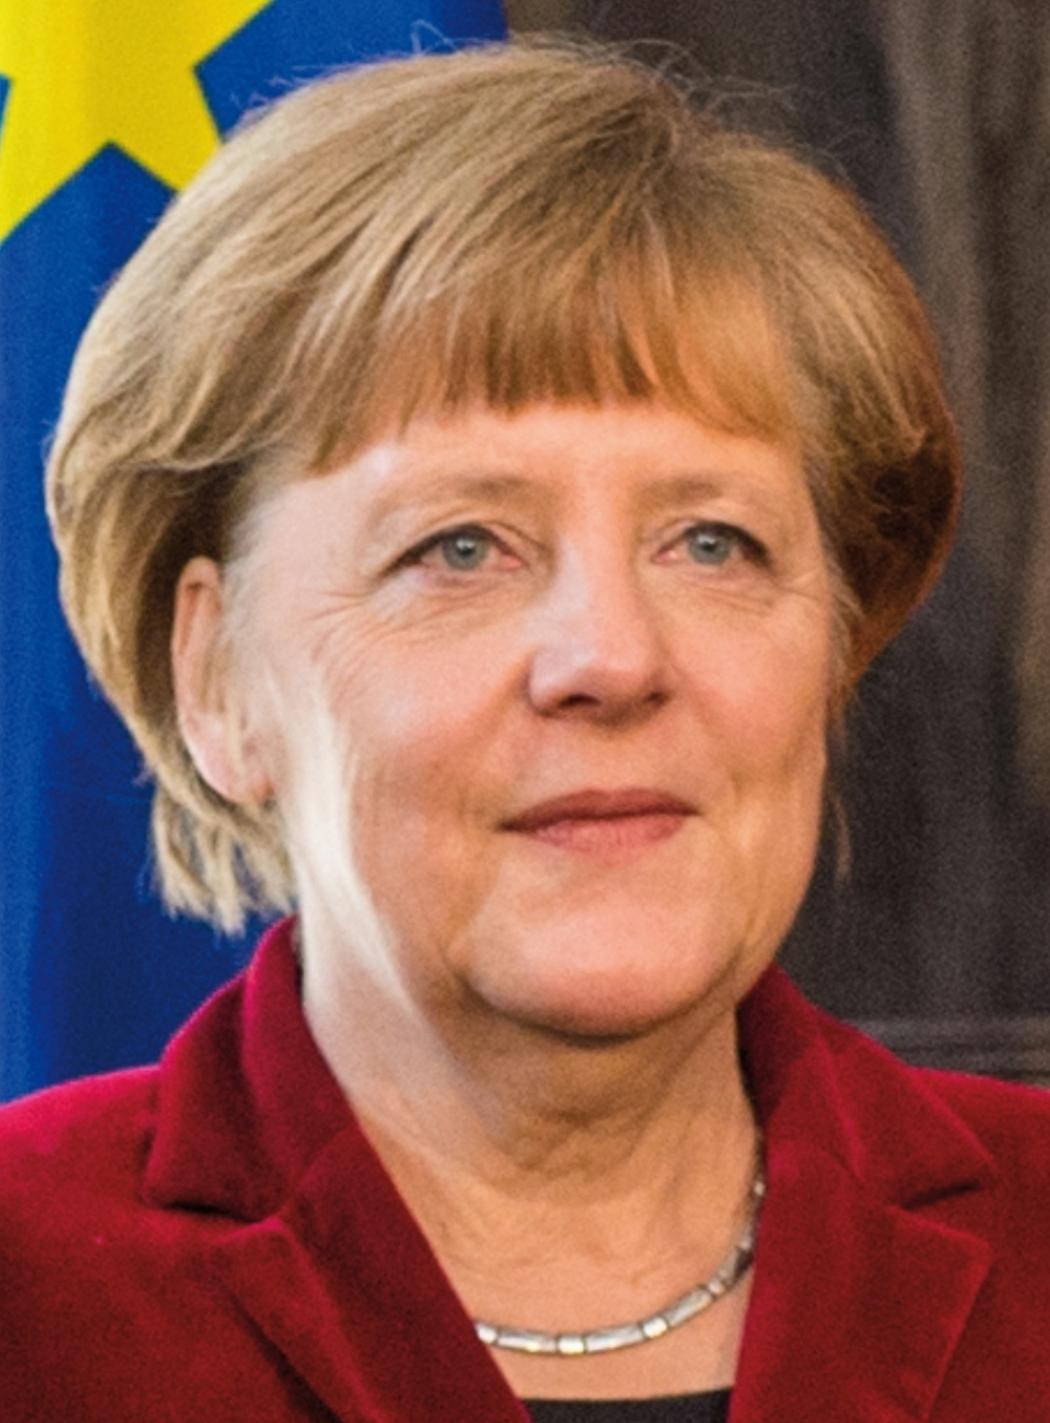 Angela_Merkel_2015_(cropped)